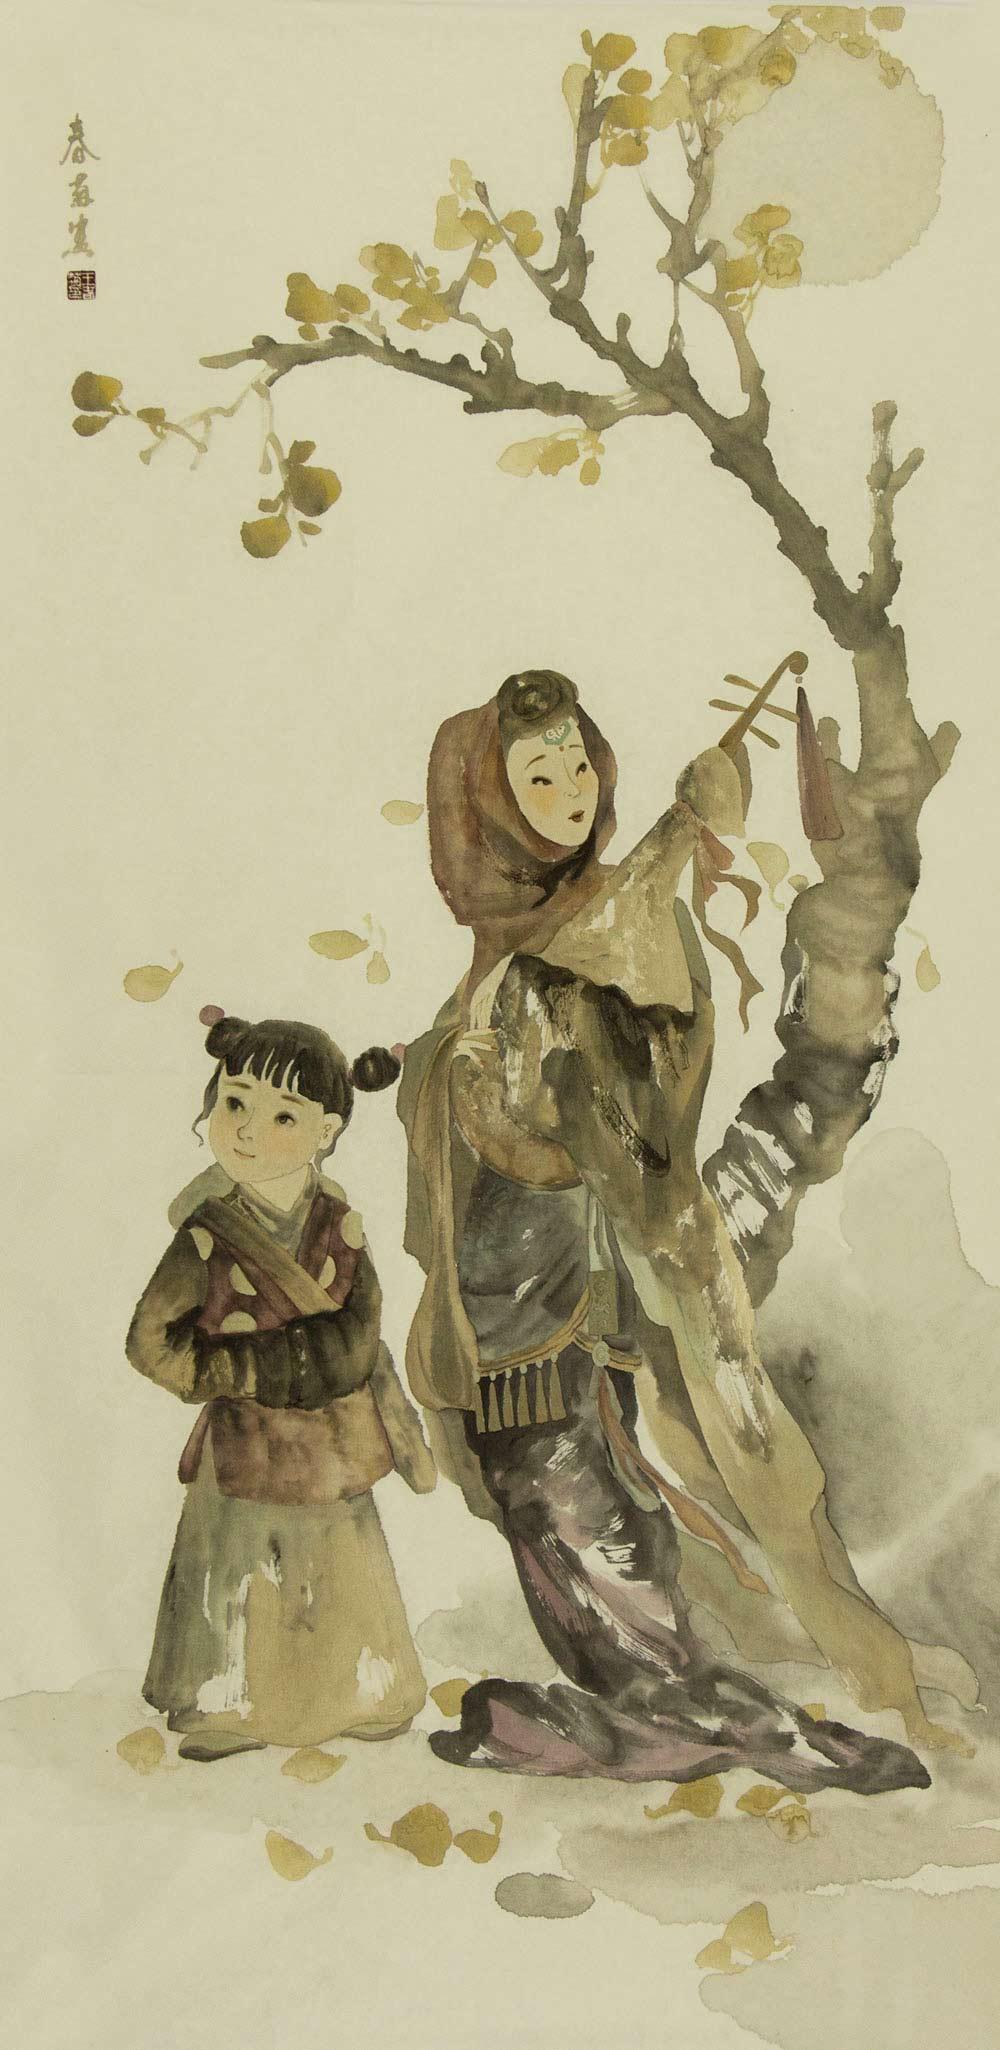 河北省美协会员 中国女子画会会员 工笔协会会员 王春菊 人物